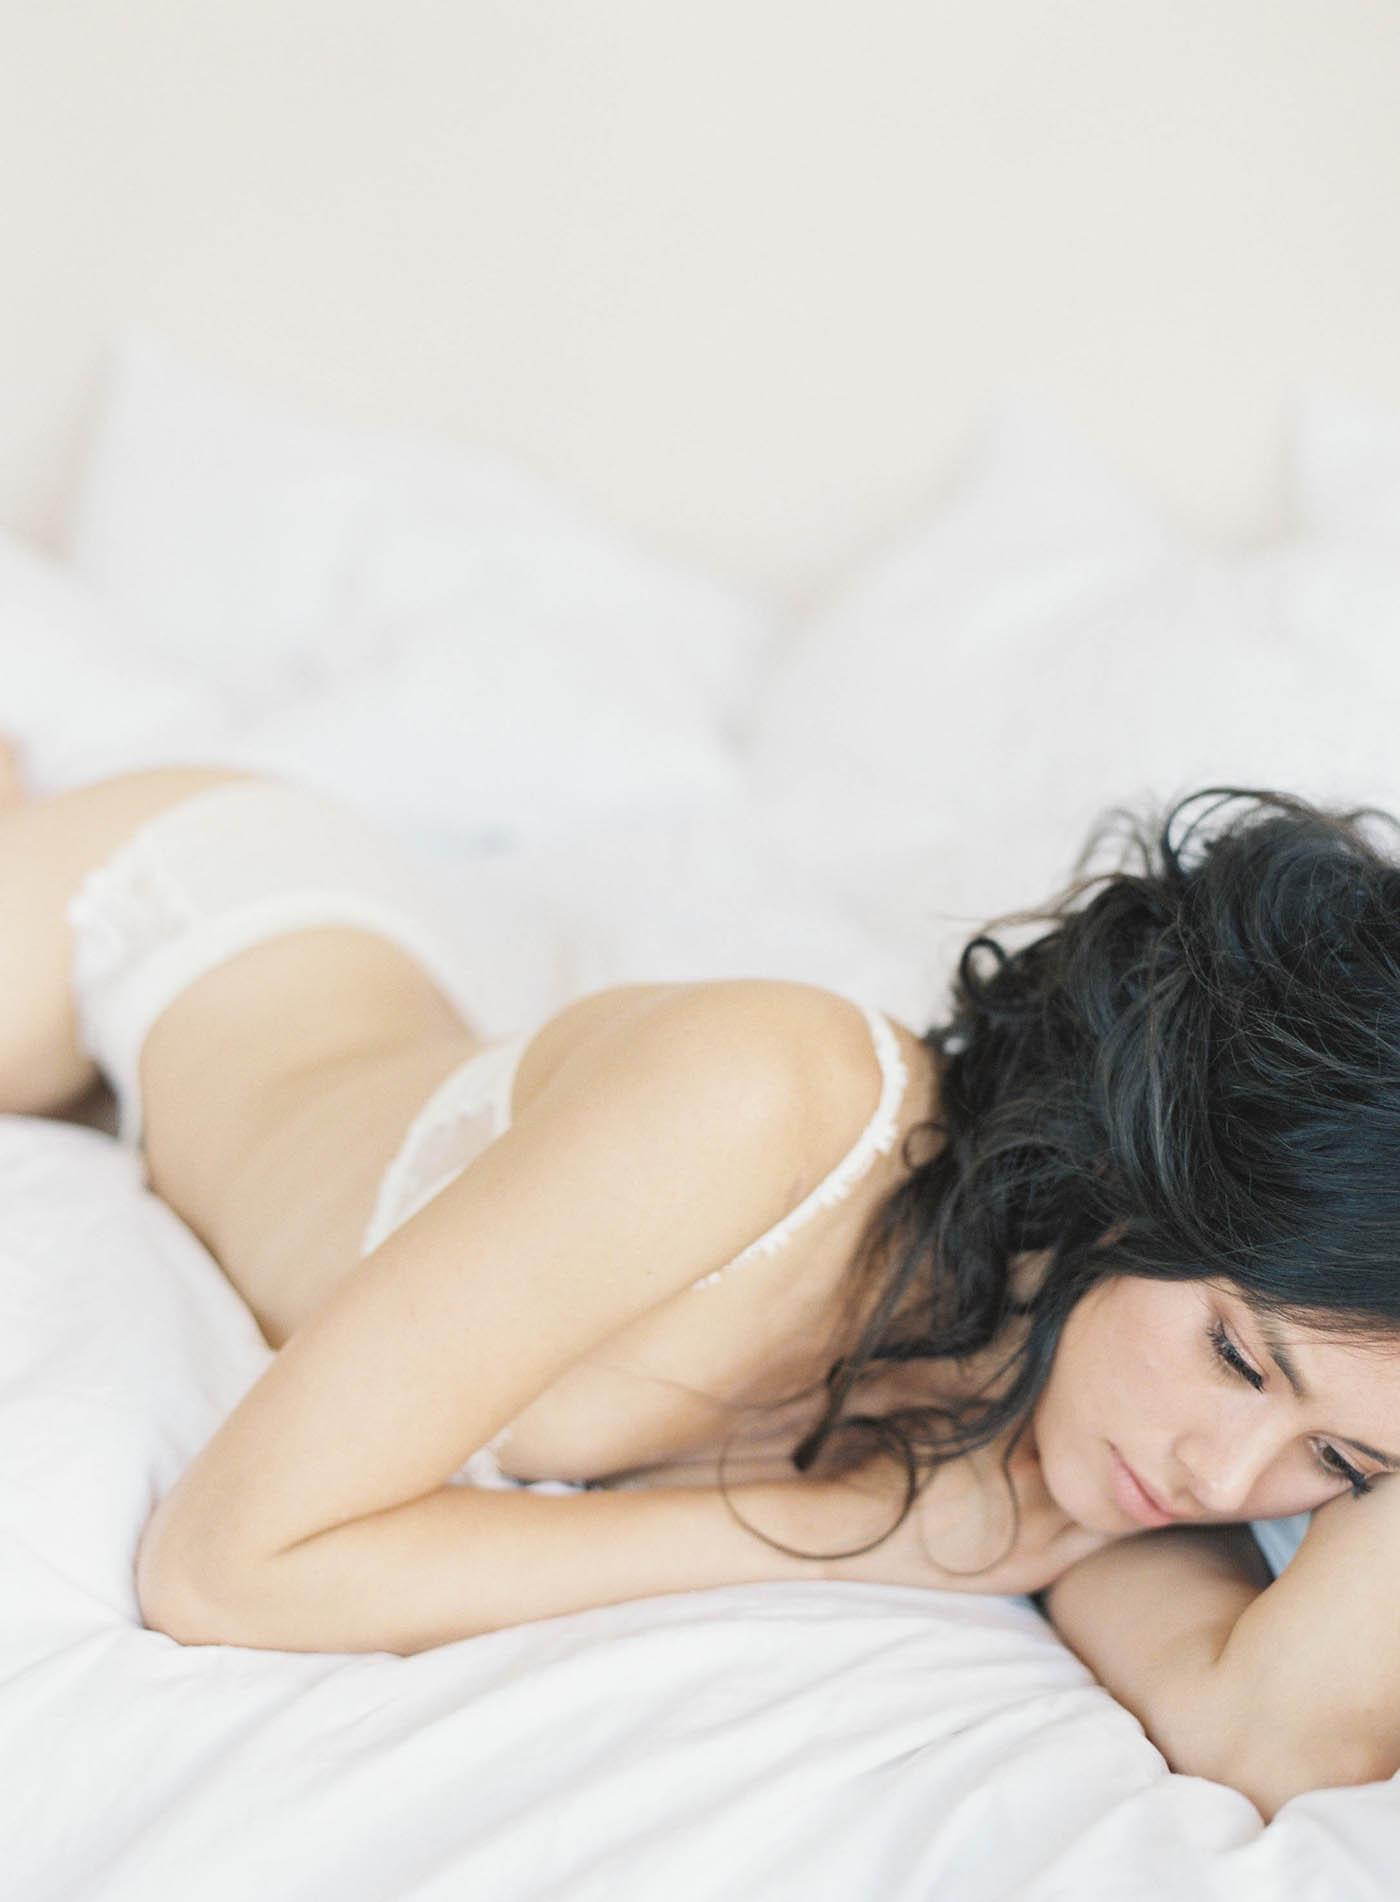 boudoir-on-film-109-Jen_Huang-Bhldn-194-Jen_Huang-002783-R1-013.jpg